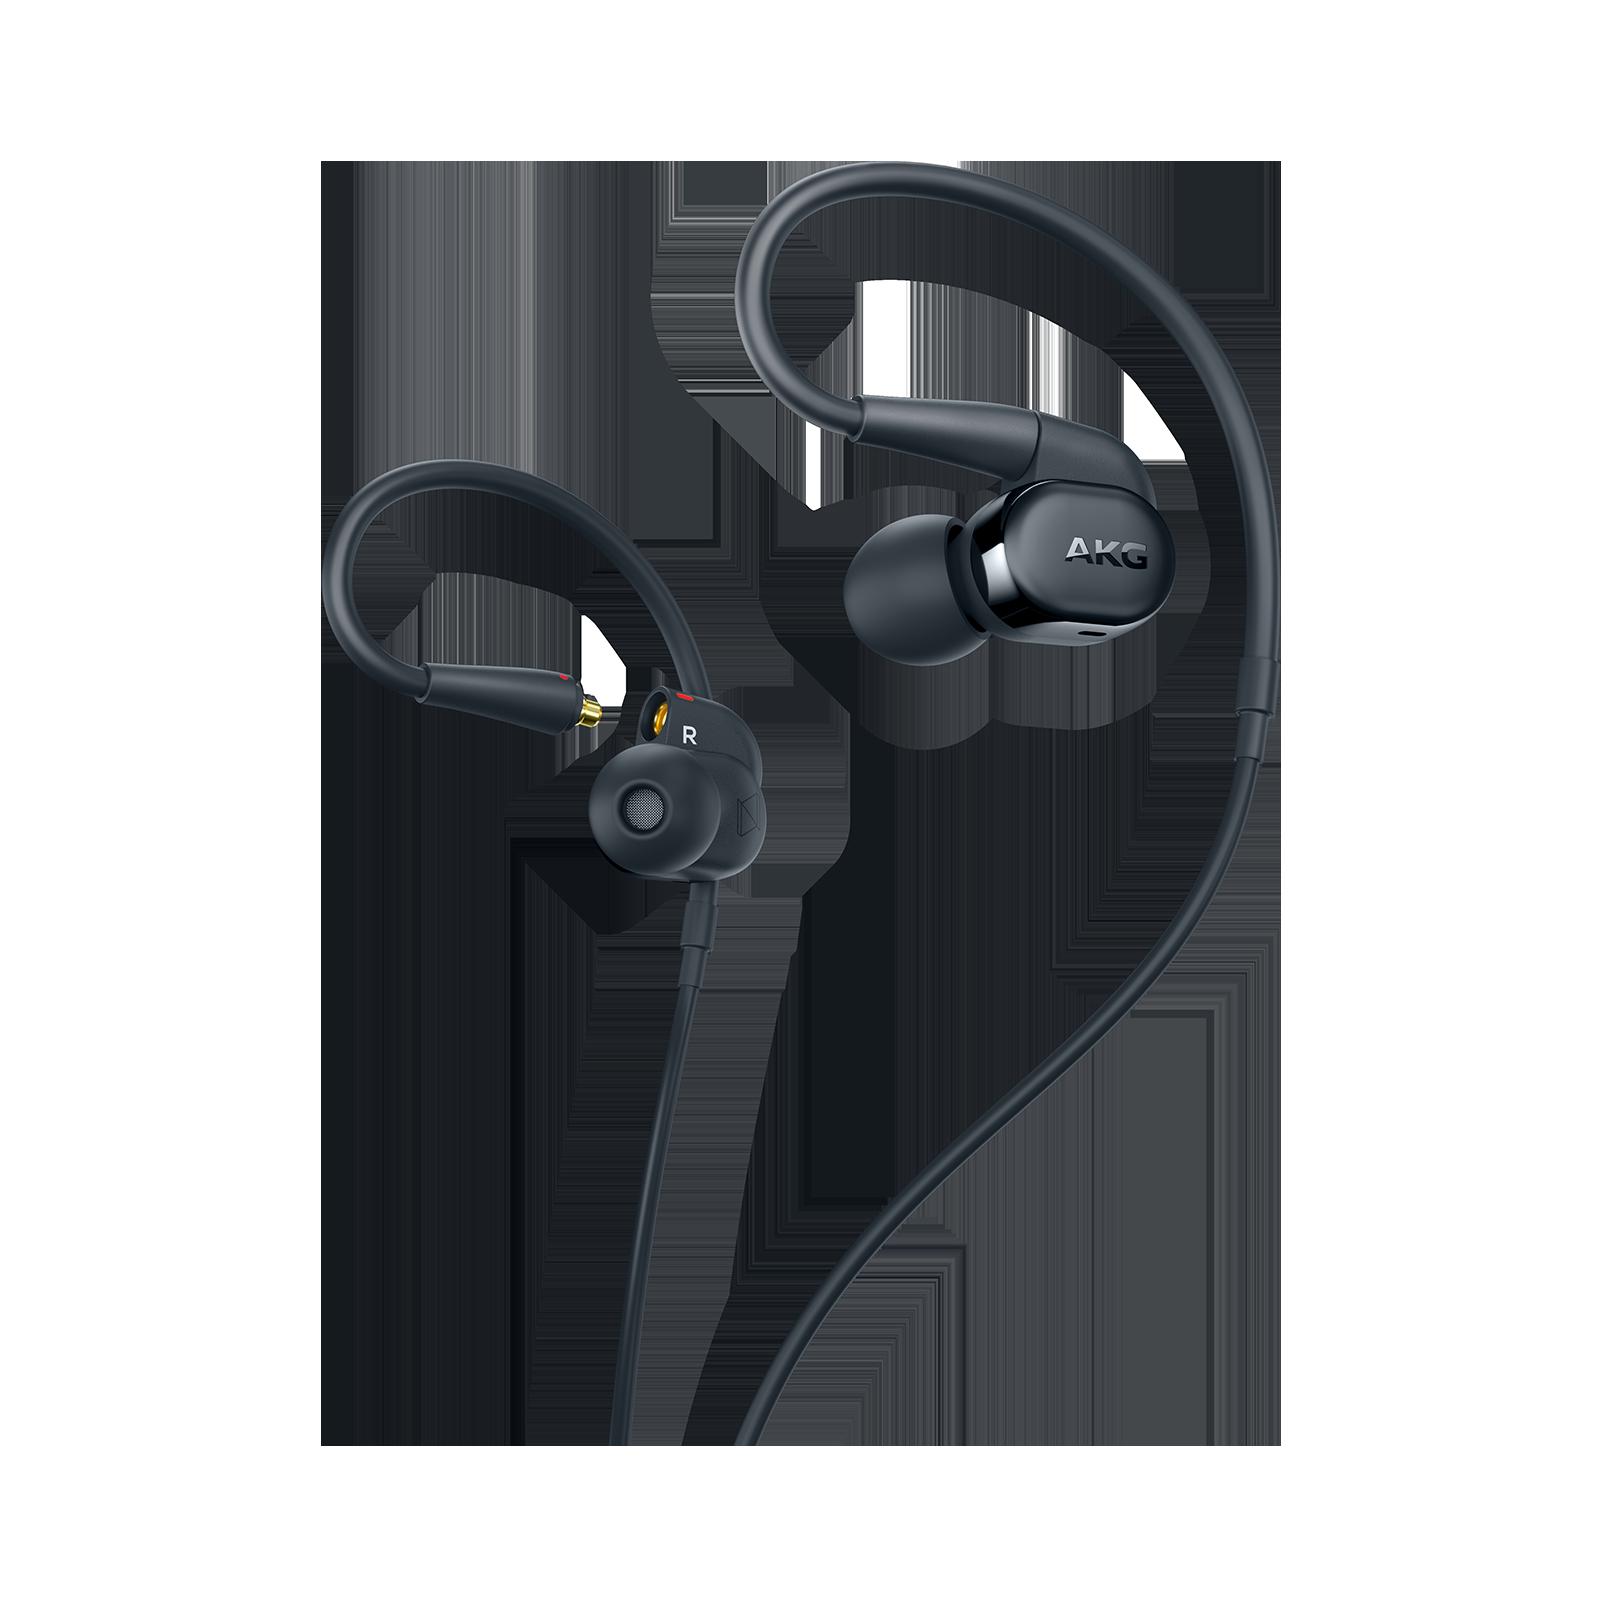 AKG N30 - Black - Hi-Res in-ear headphones with customizable sound - Hero